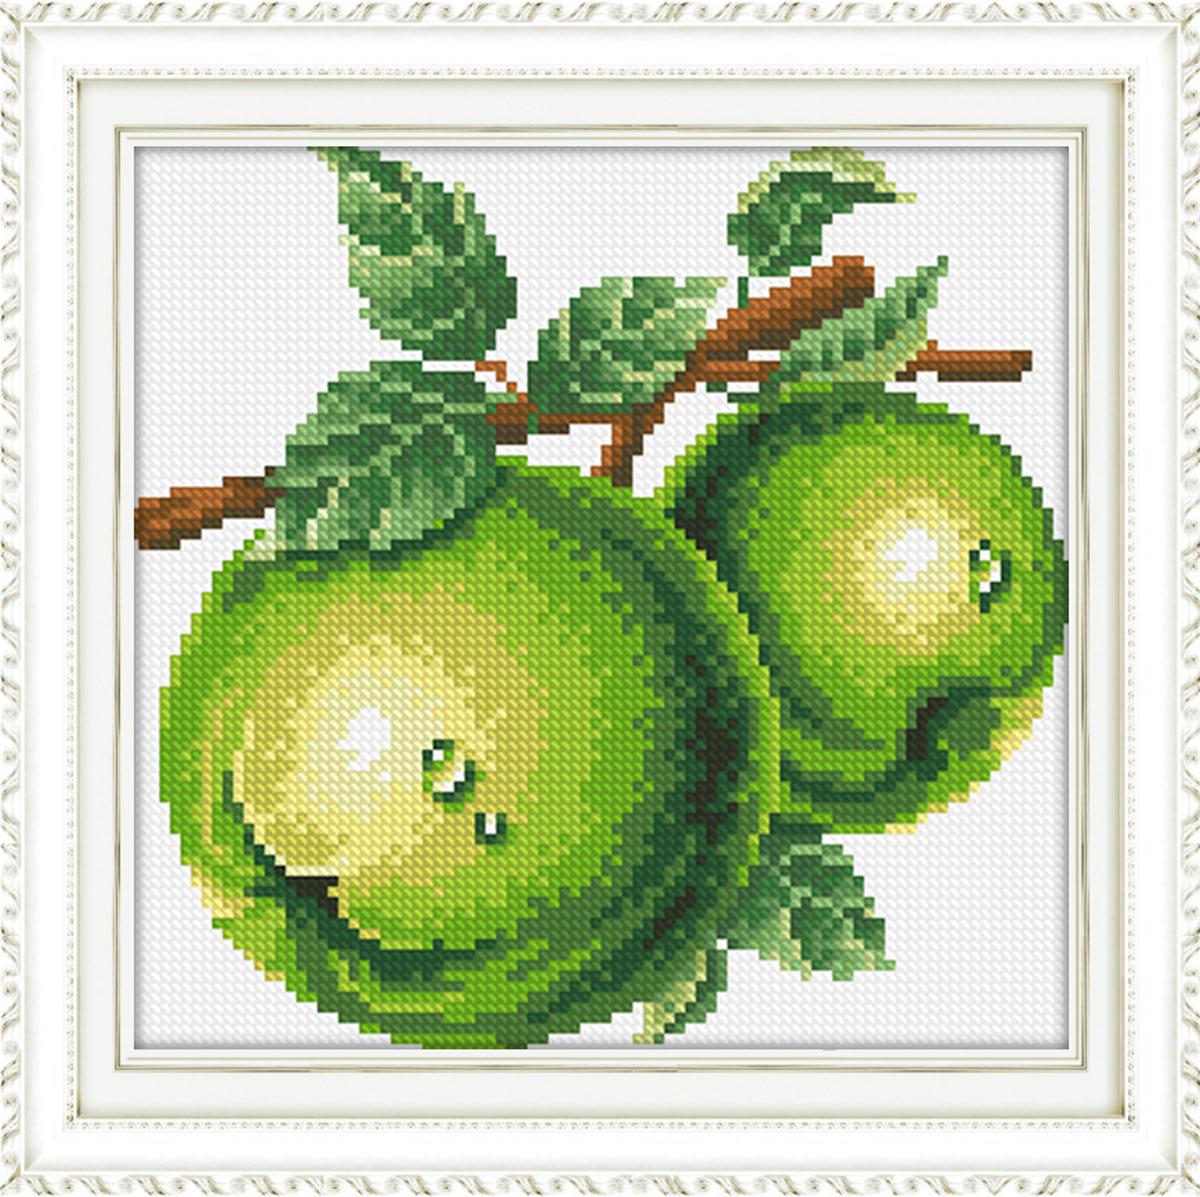 Набор для изготовления картины со стразами Алмазная Живопись Зеленые яблоки, 26 х 23 см581704В состав набора входит: полотно-схема с клеевым слоем, с условными обозначениями, инструкция, пластиковое блюдце, пинцет, упакованные стразы.